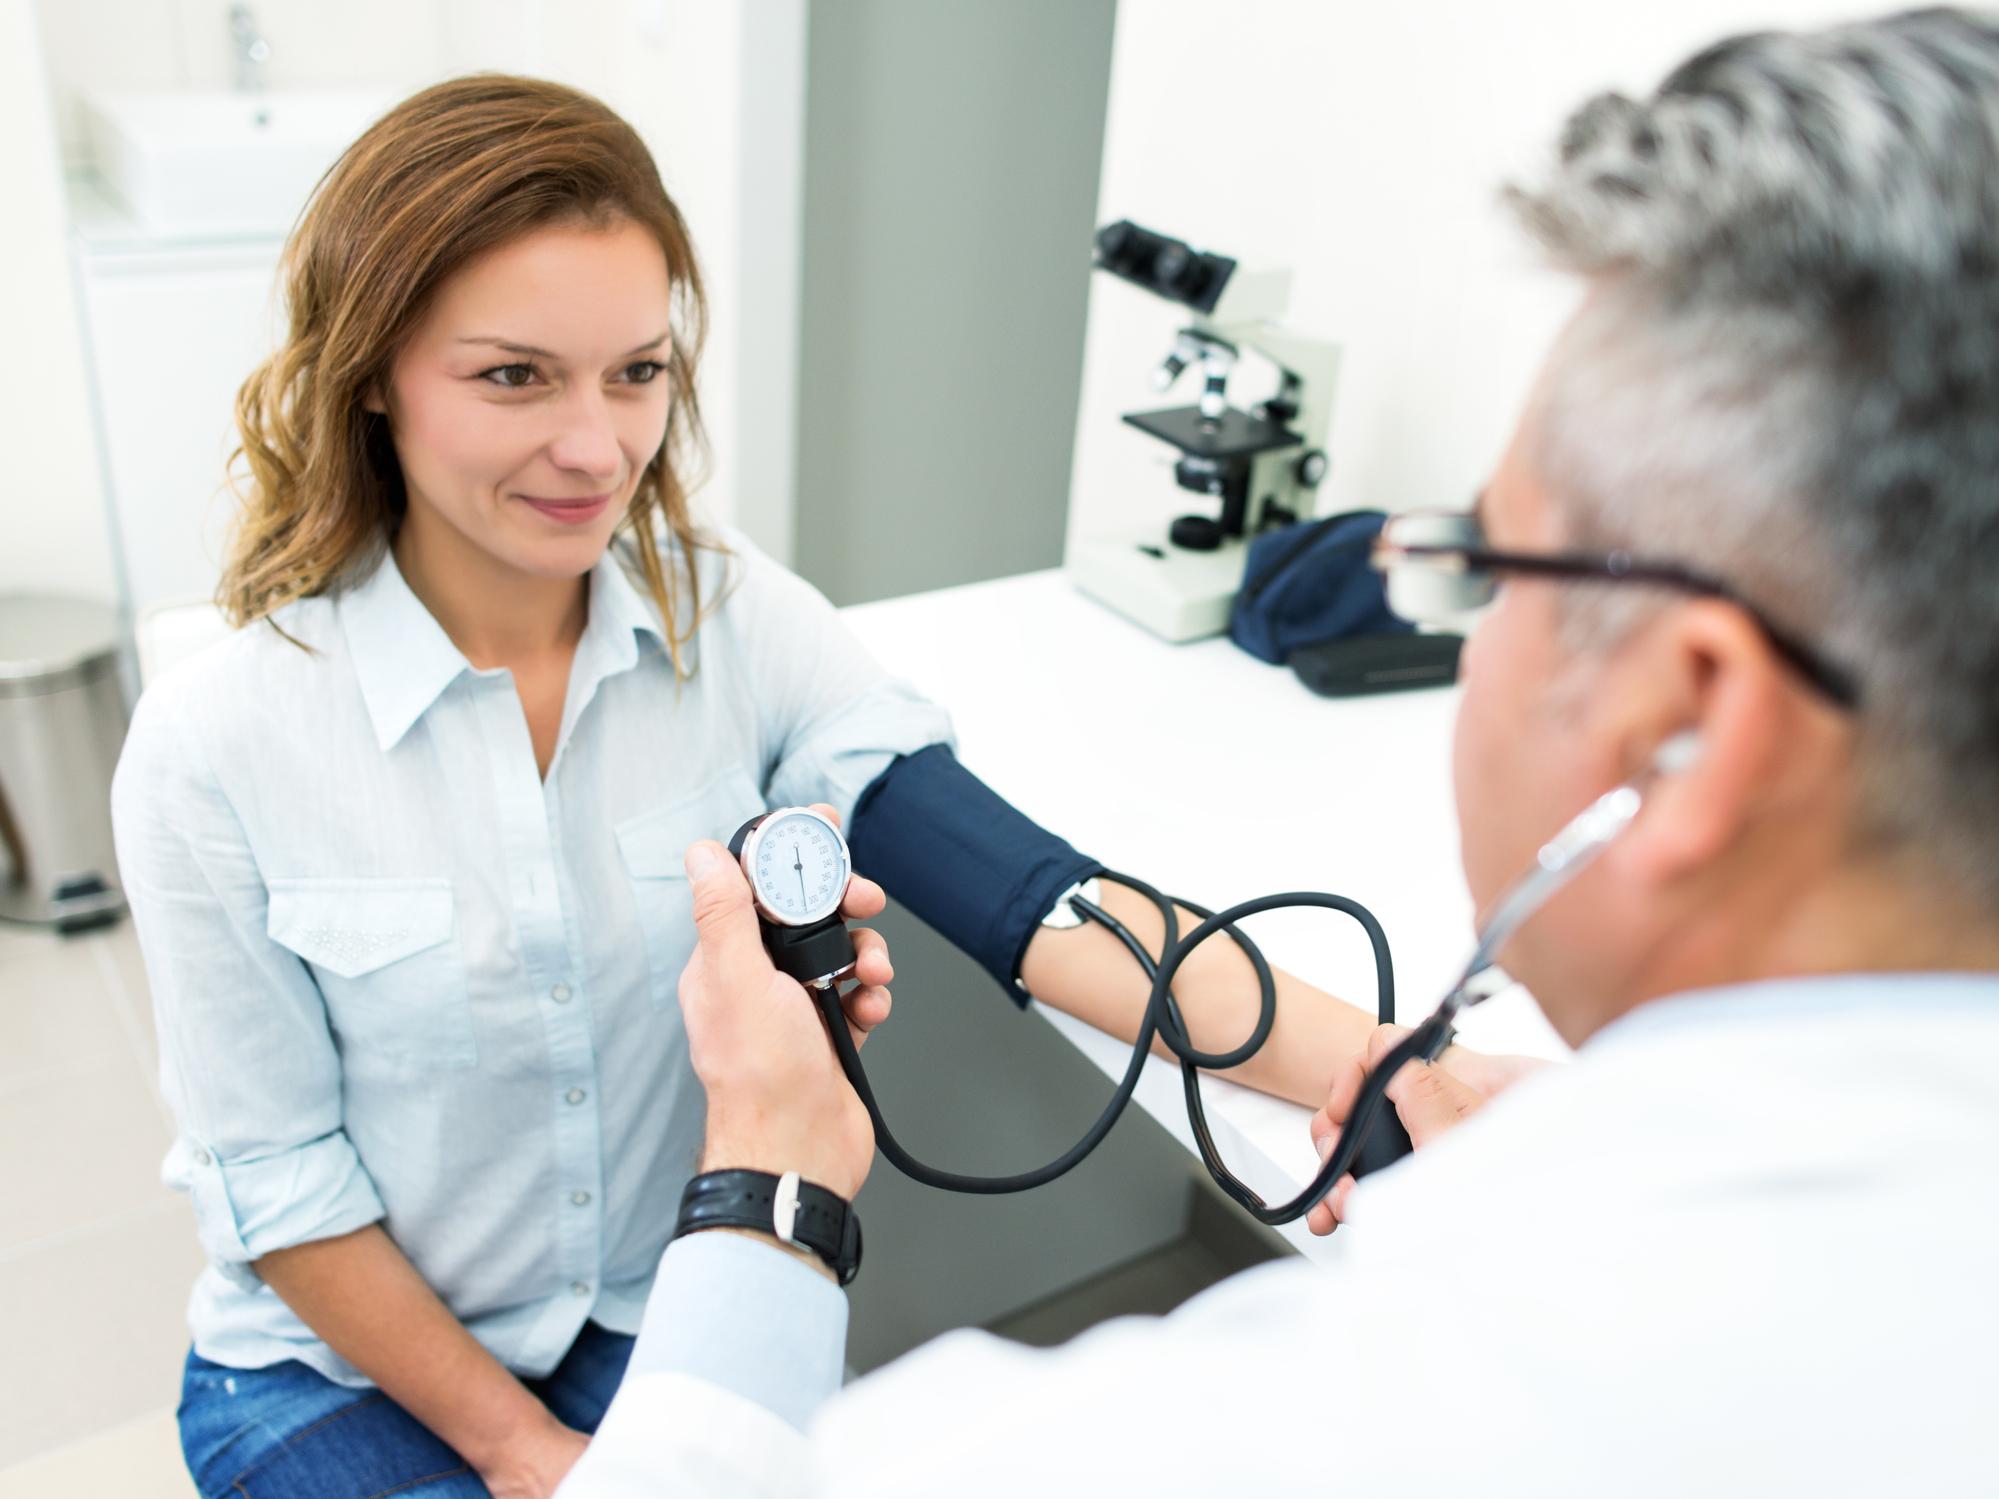 Cardiomagnet: használati utasítás, mely nyomás alatt